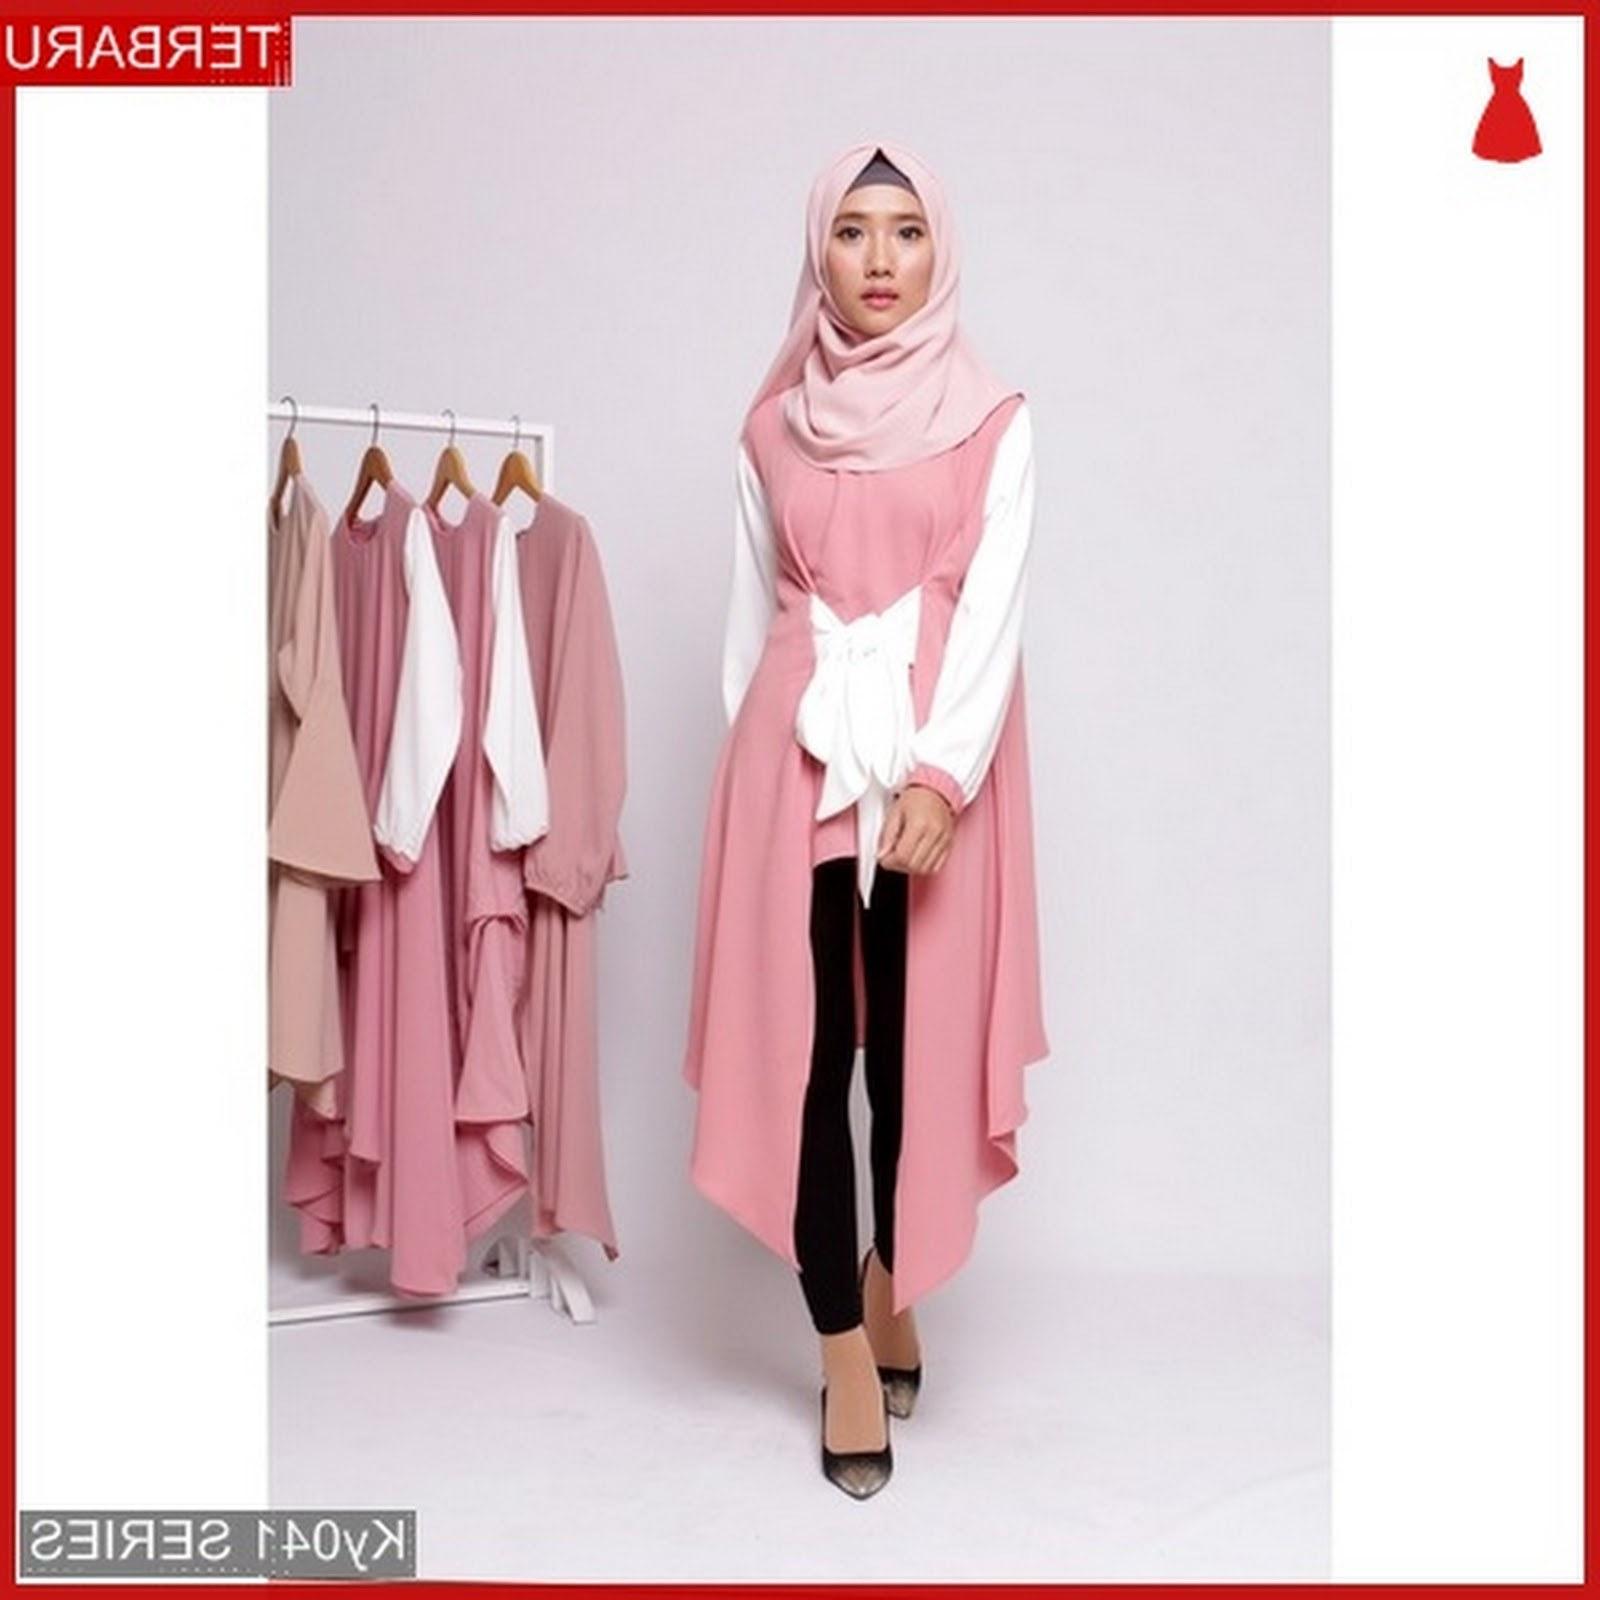 Inspirasi Baju Lebaran Bagus Drdp Dapatkan Baju Muslim Lebaran Paling Keren Terbaru Di Bmg